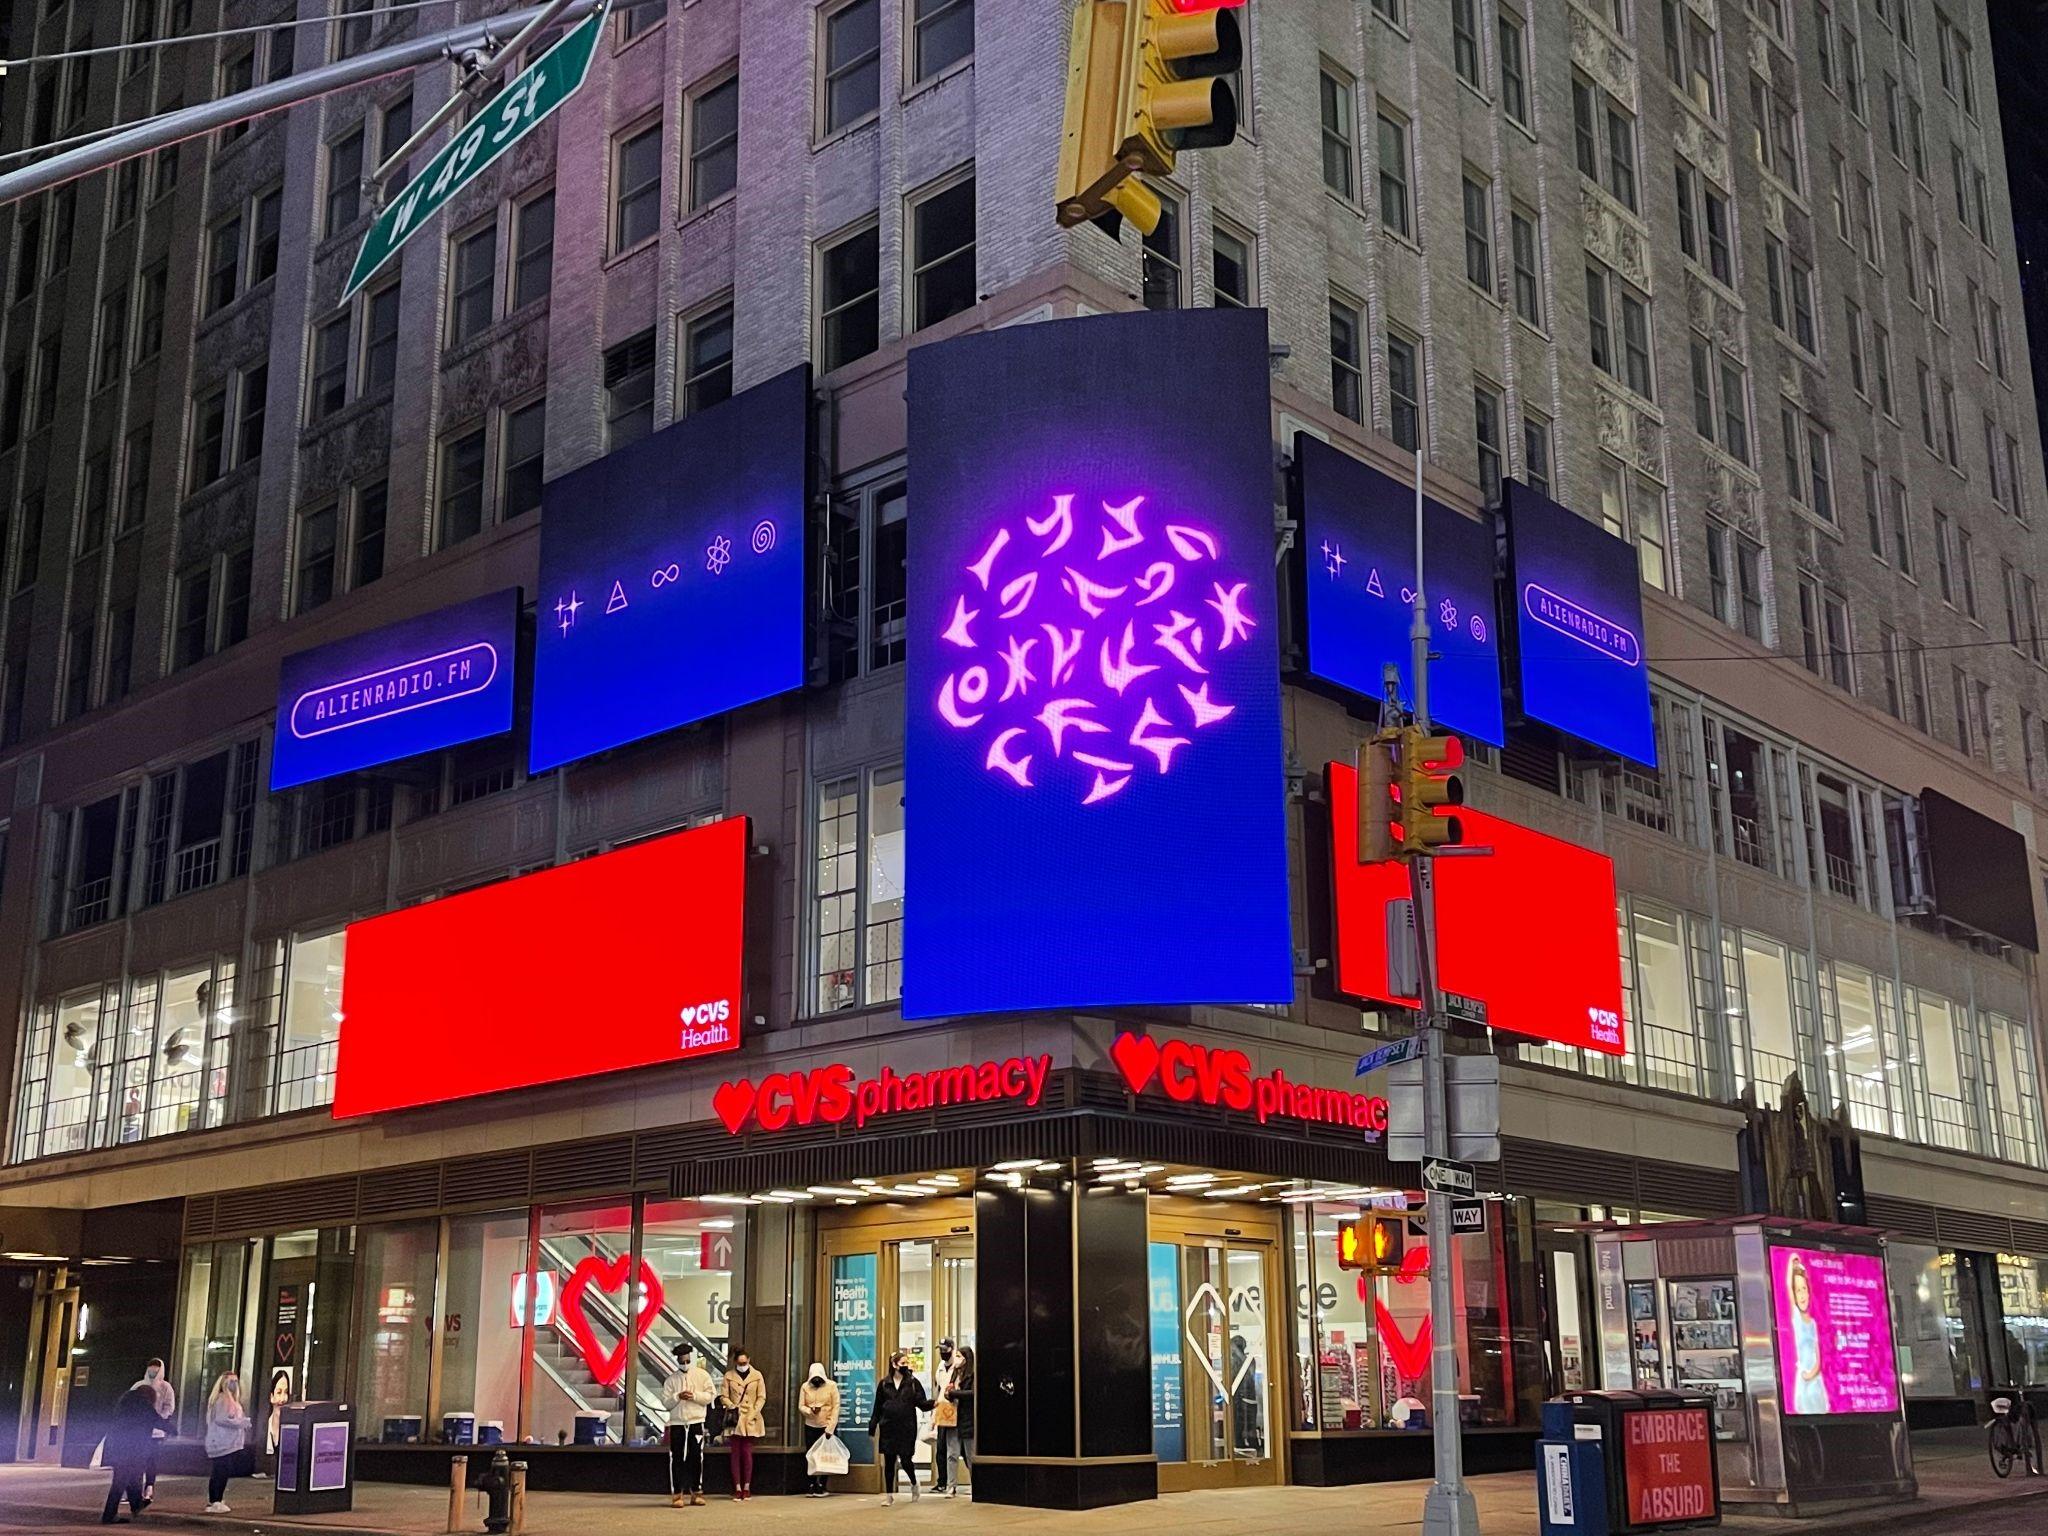 Painel Higher Power em Nova Iorque, 22 de Abril, 2021